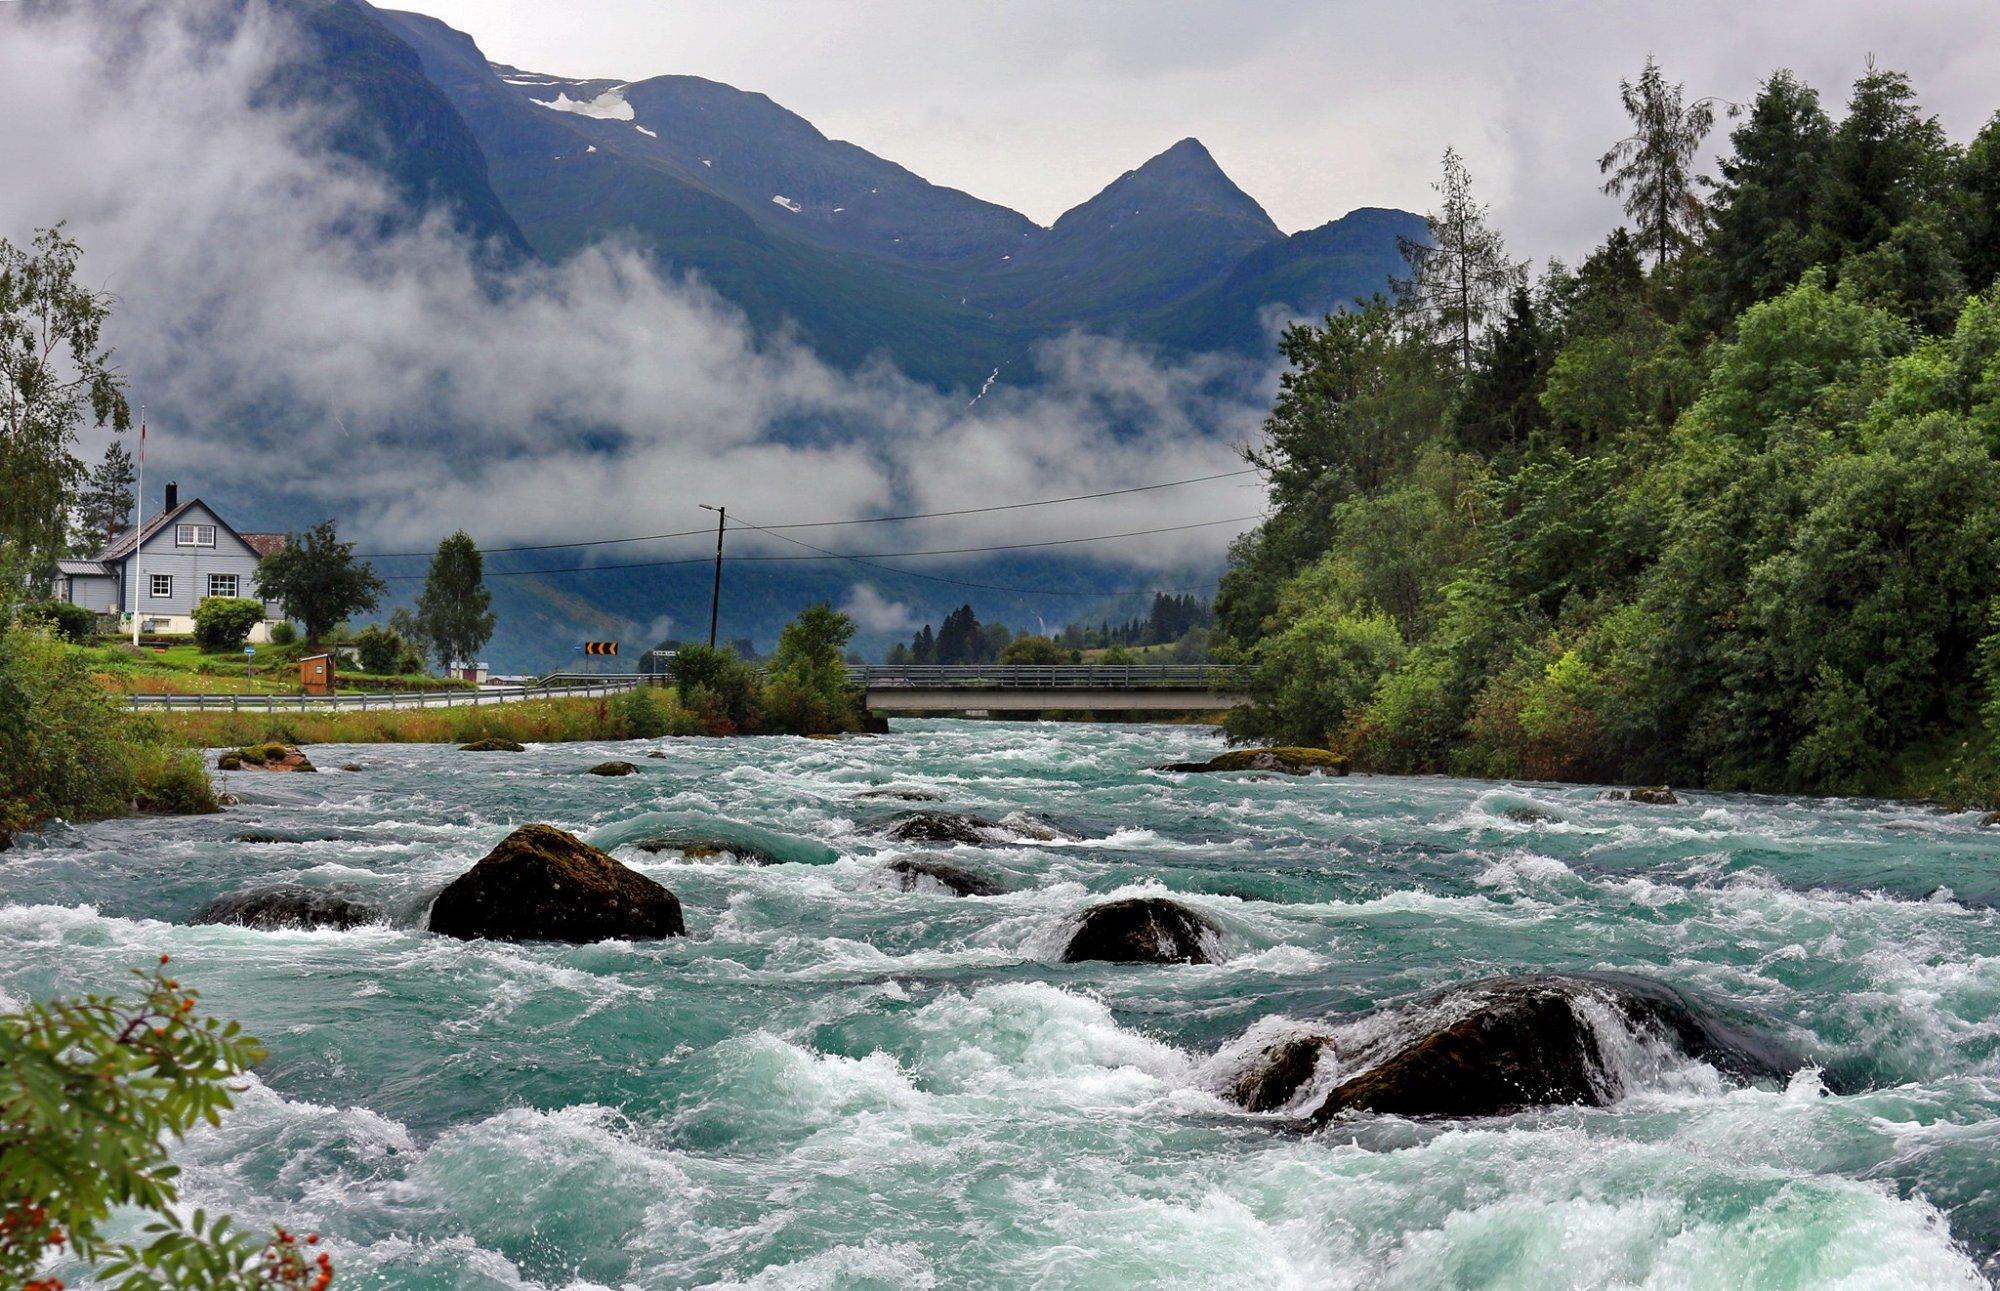 Oldeelva River, Norway